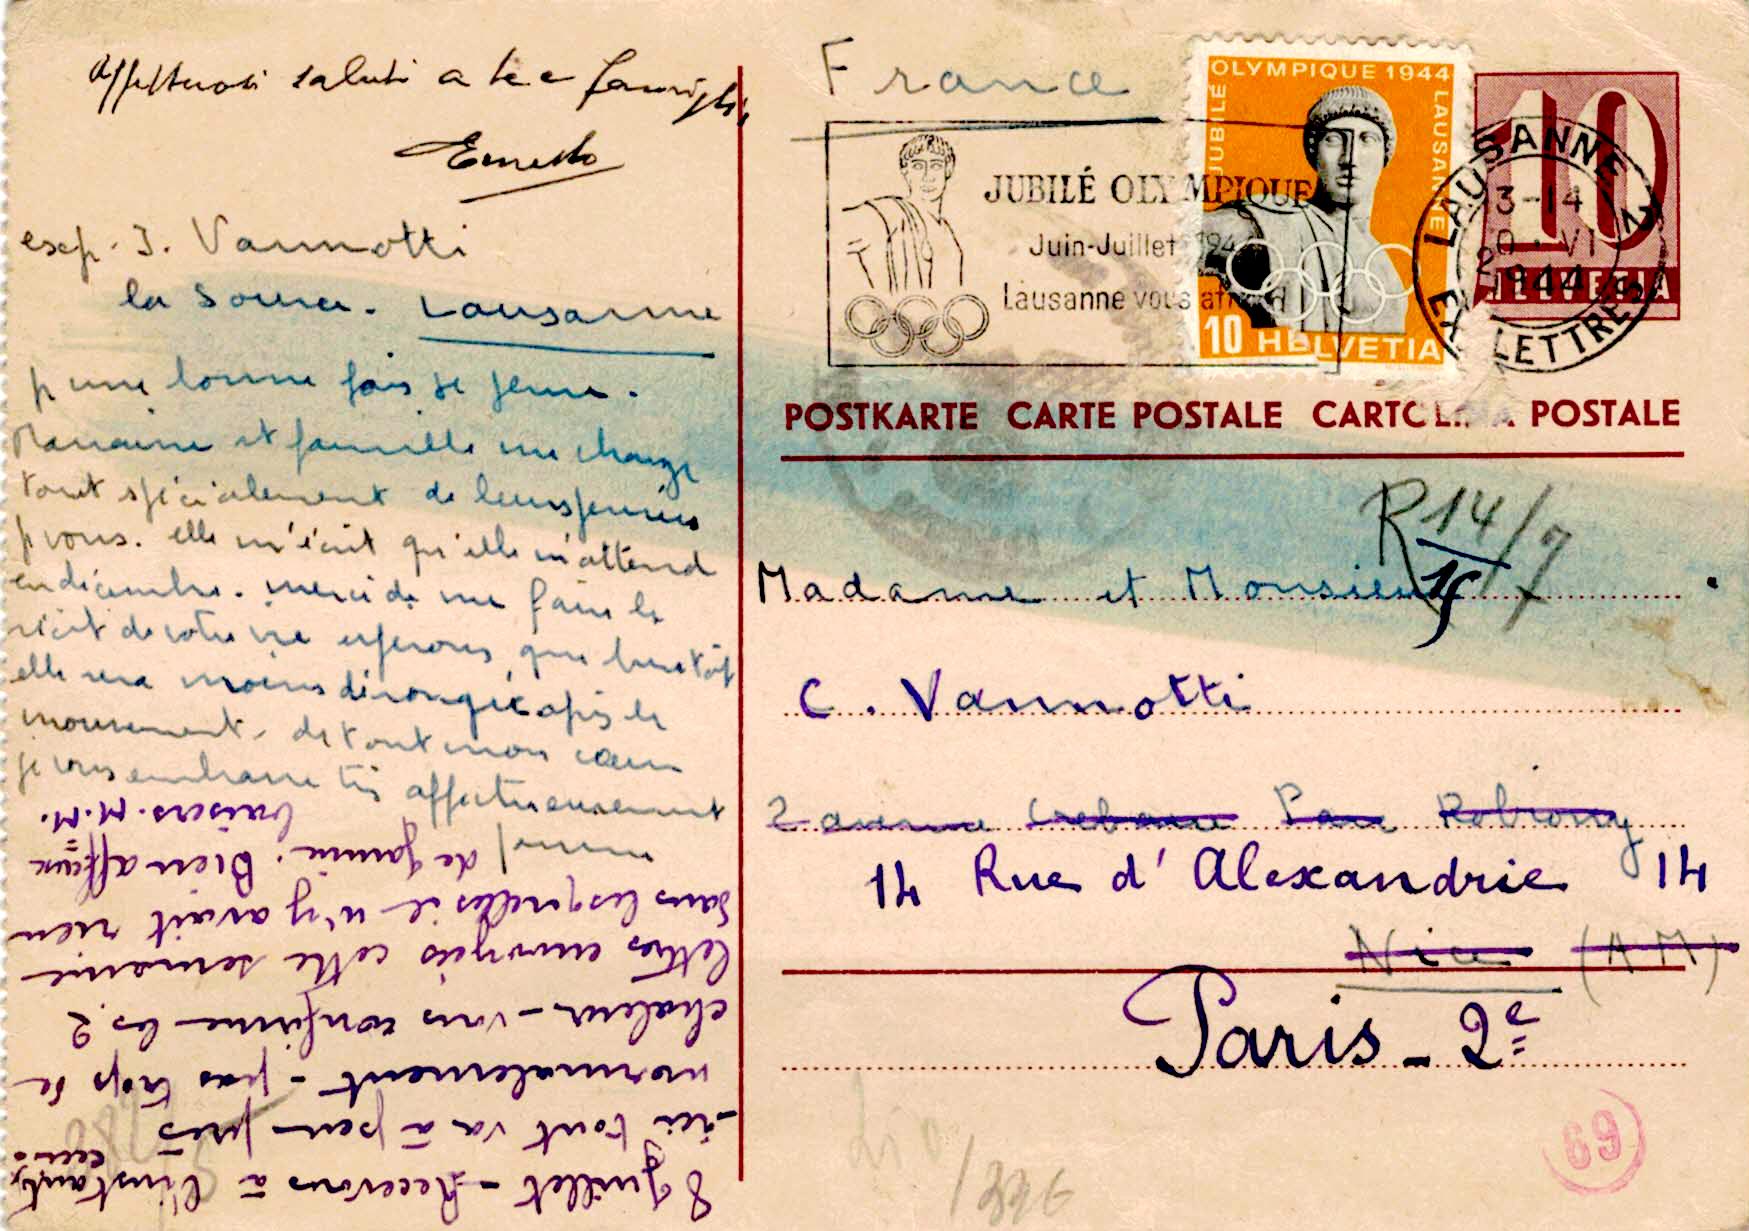 Zensurierte Postkarte